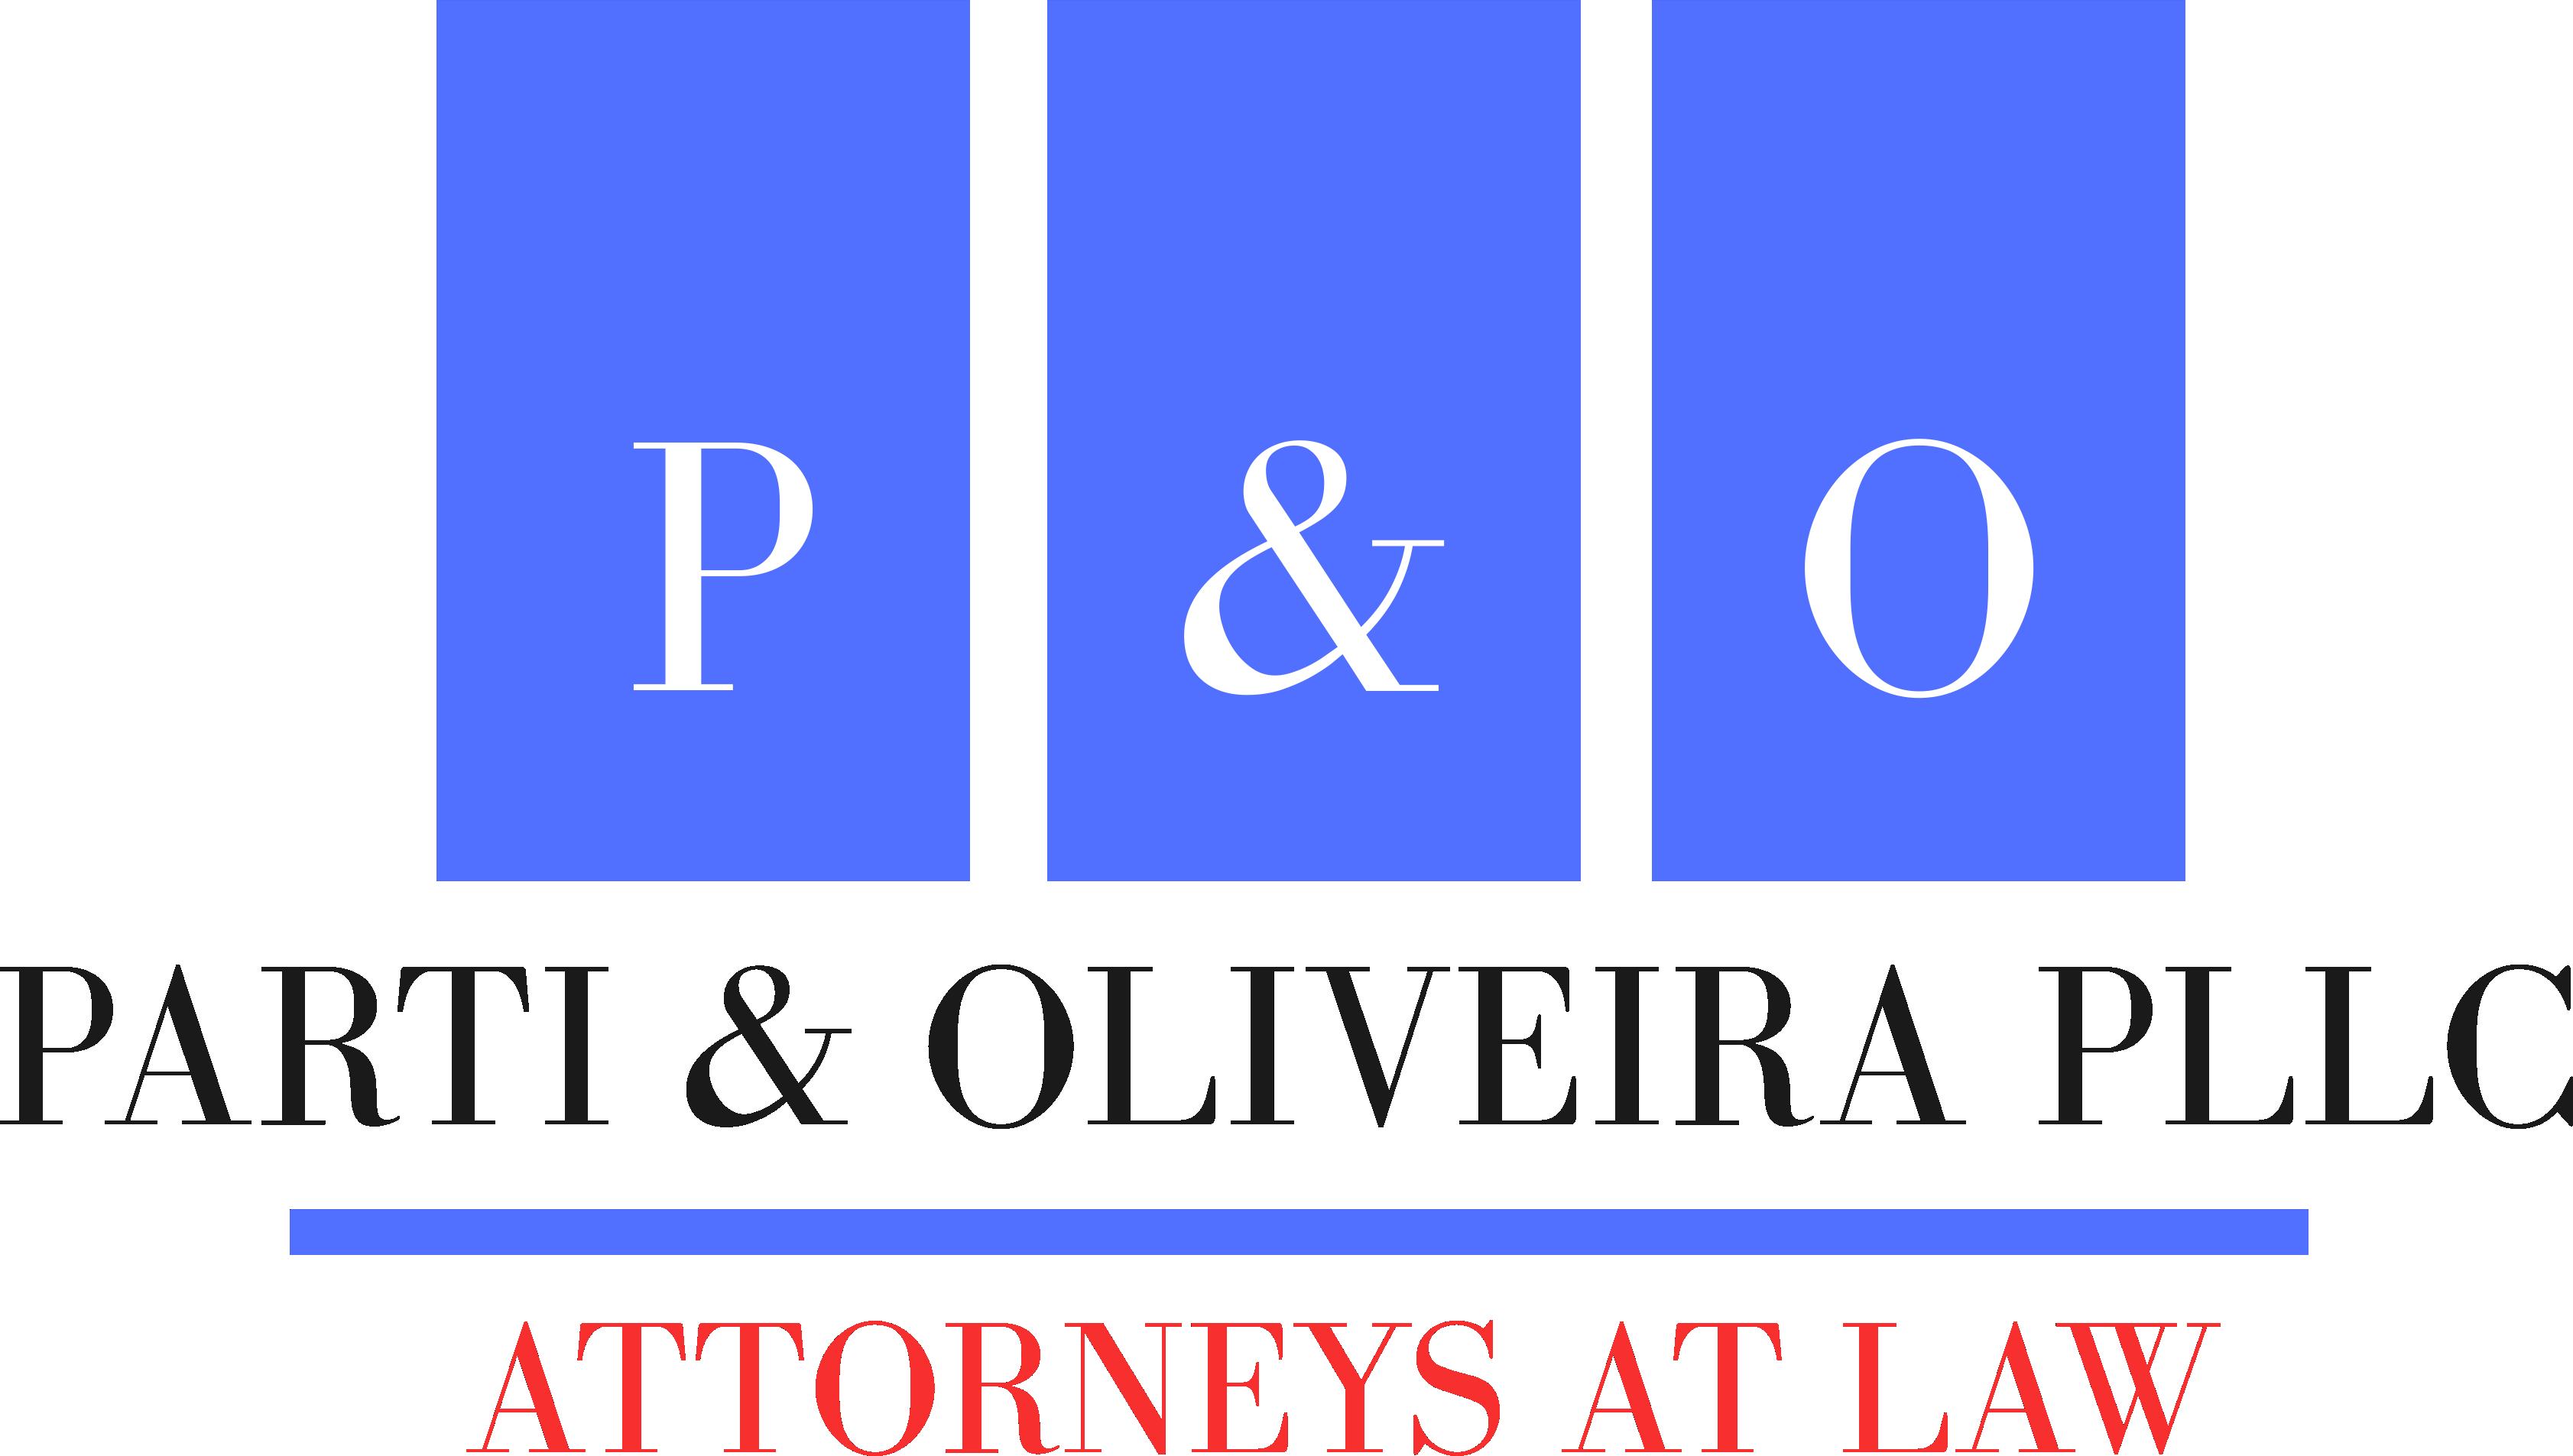 PARTI & OLIVEIRA